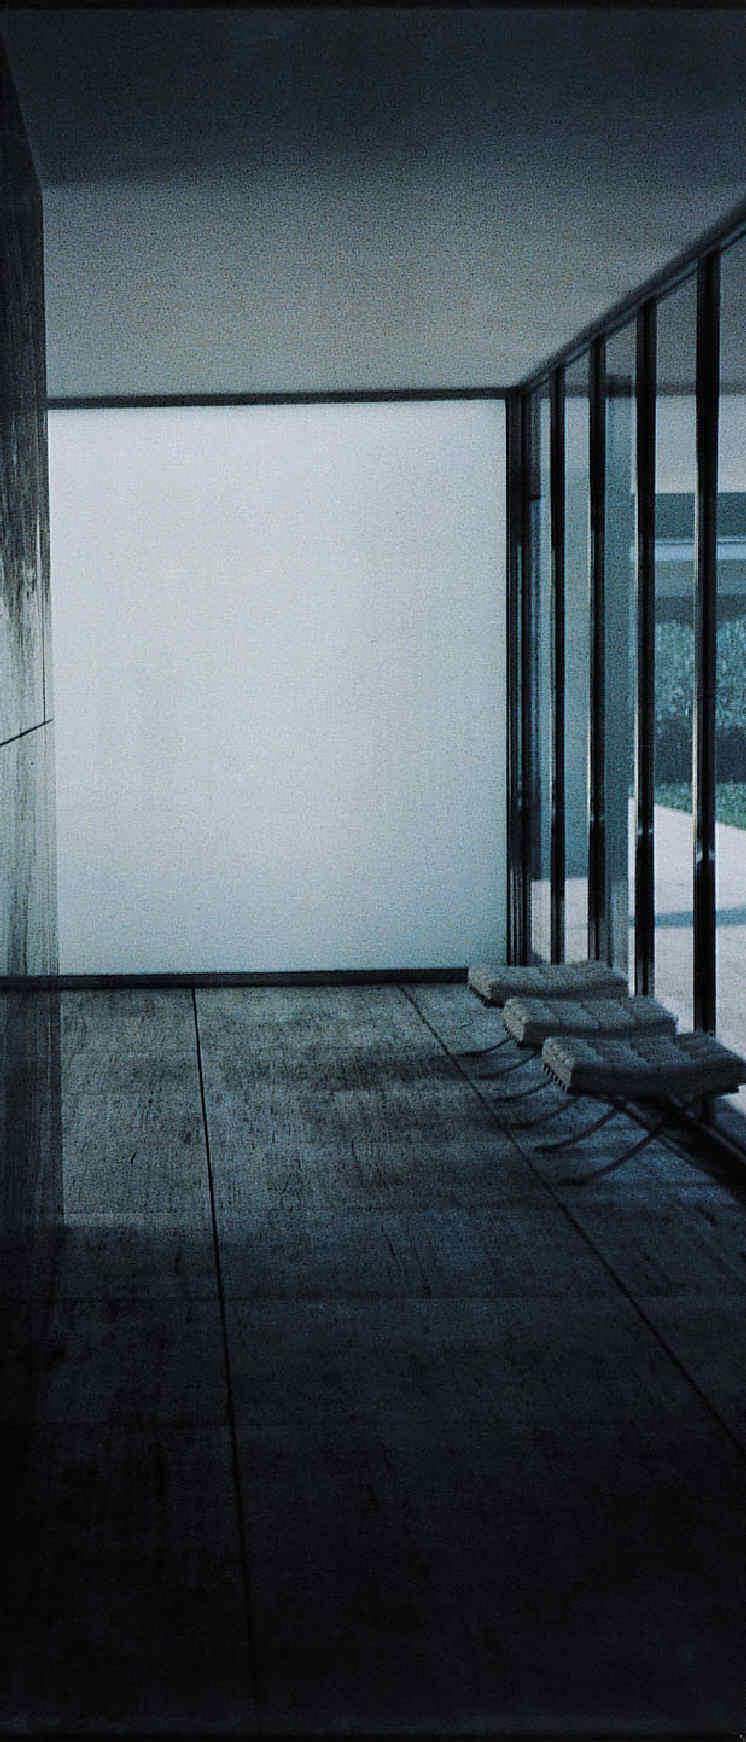 FÖRG, Günther, <i>Barcelona Pavillon II</i>